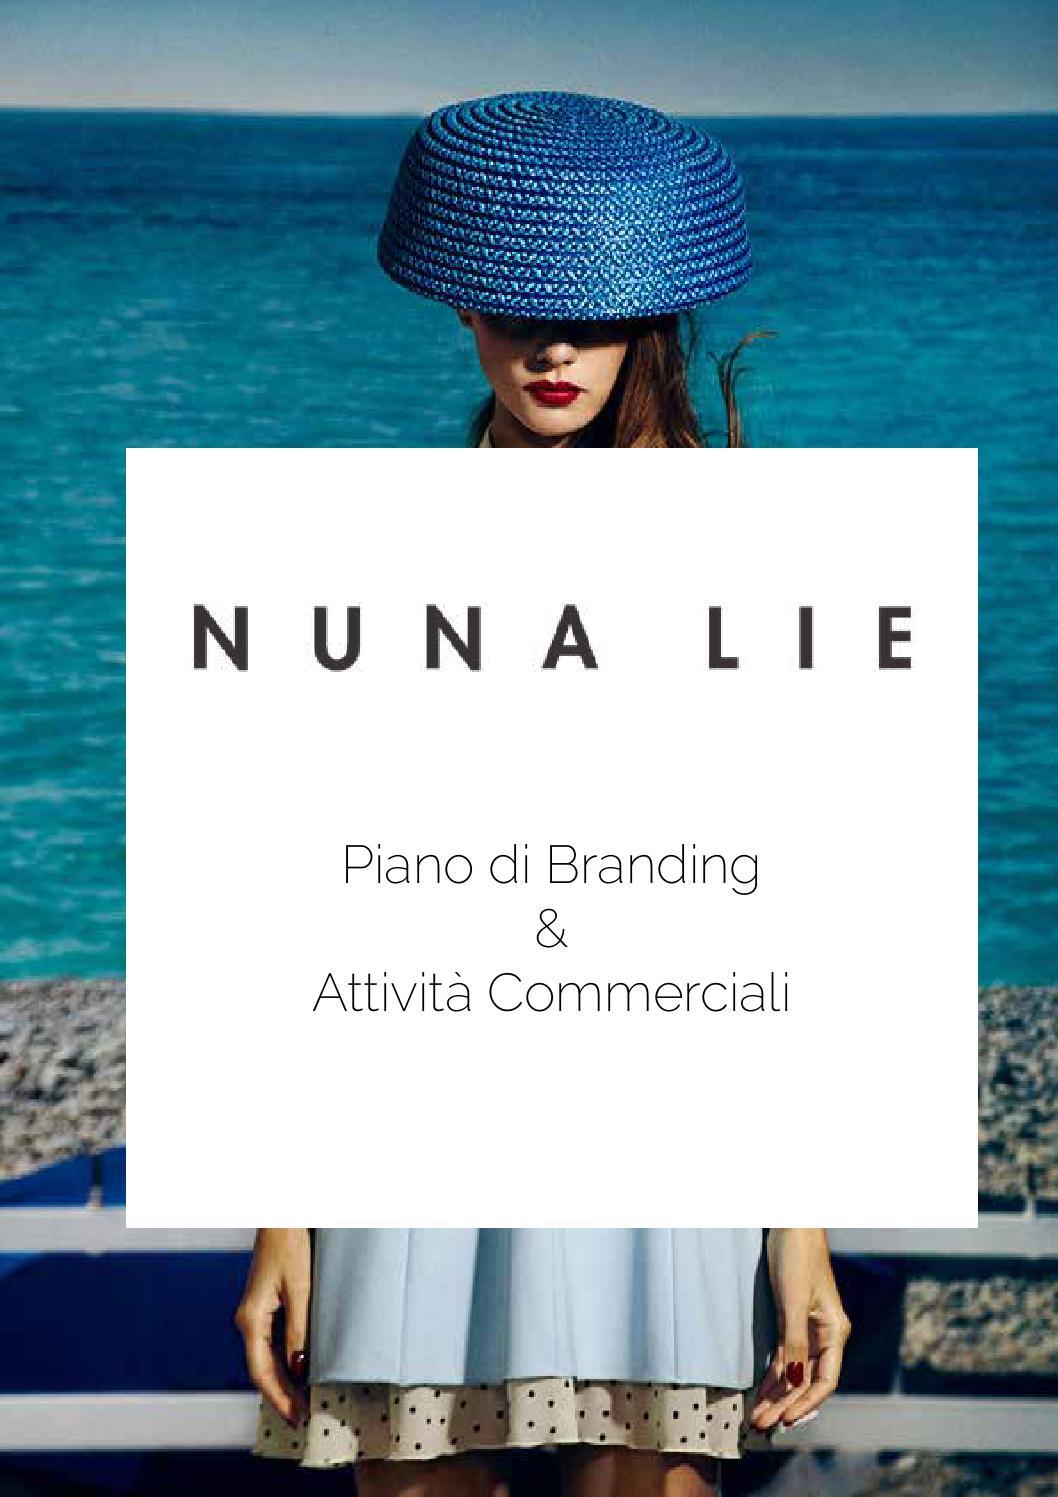 Piano di branding e attività commerciale per Nuna Lie by IED Master Roma -  issuu c33b5270f1e5